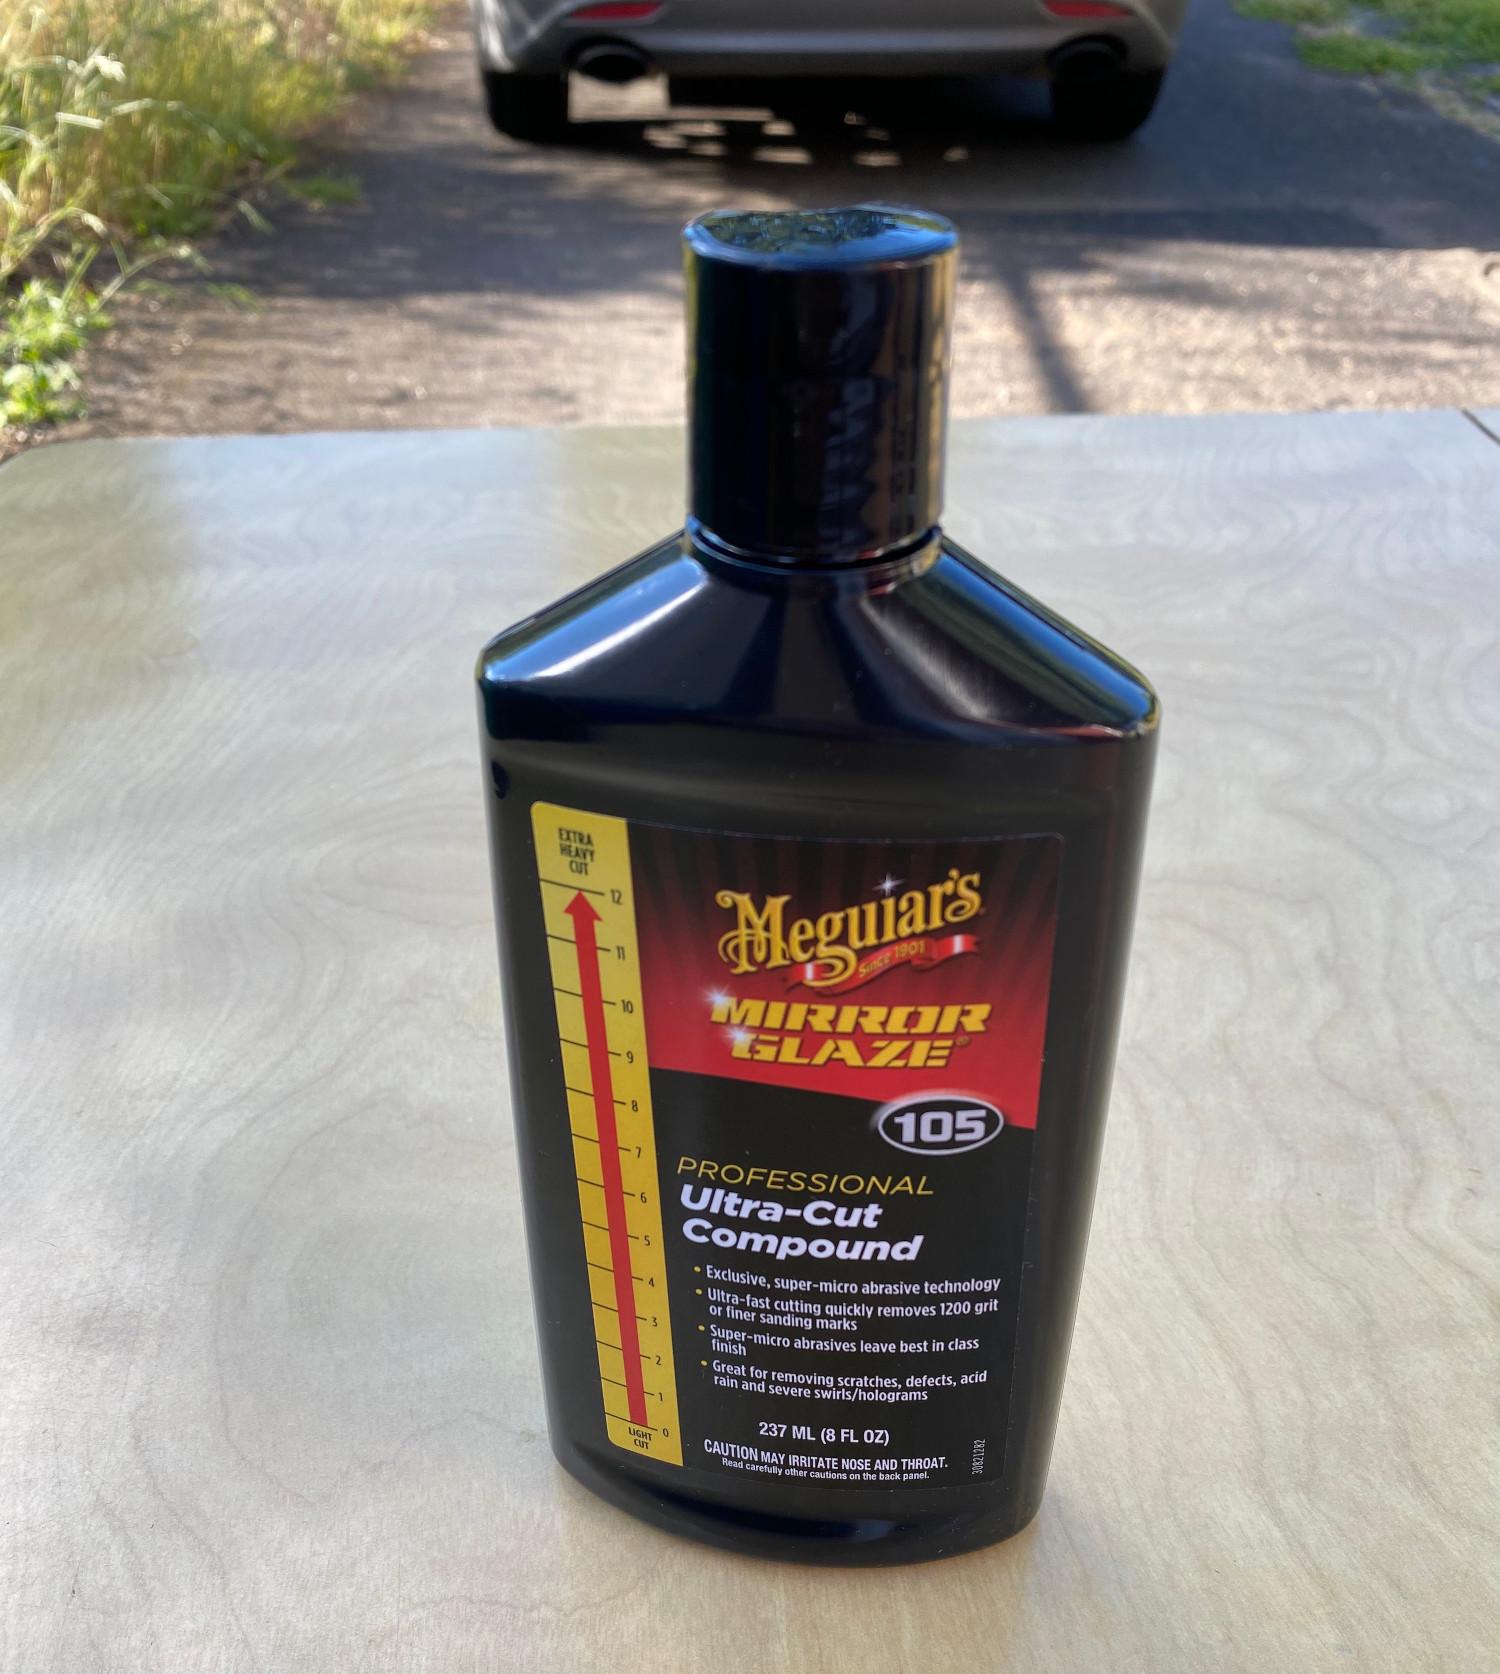 Bottle of Meguiar's car scratch remover